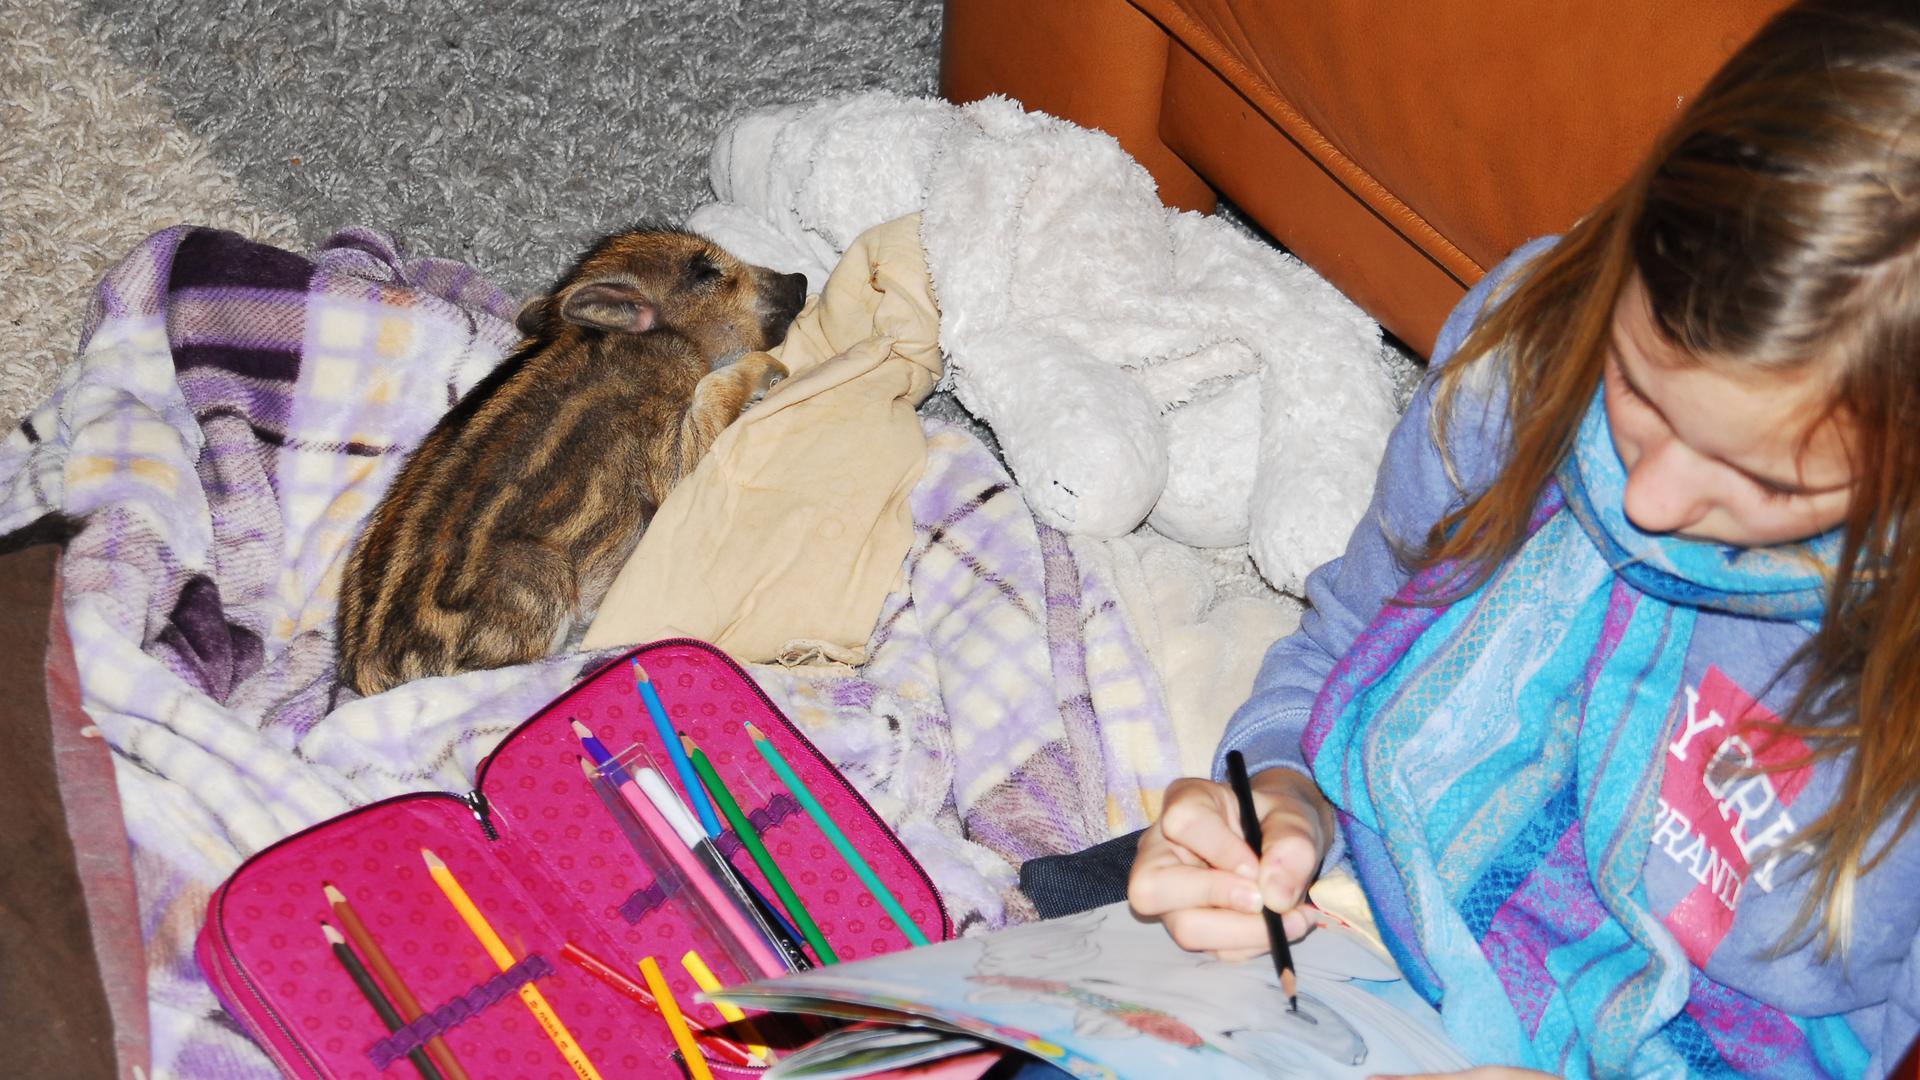 Ein kleines Wildschwein liegt neben einem Mädchen